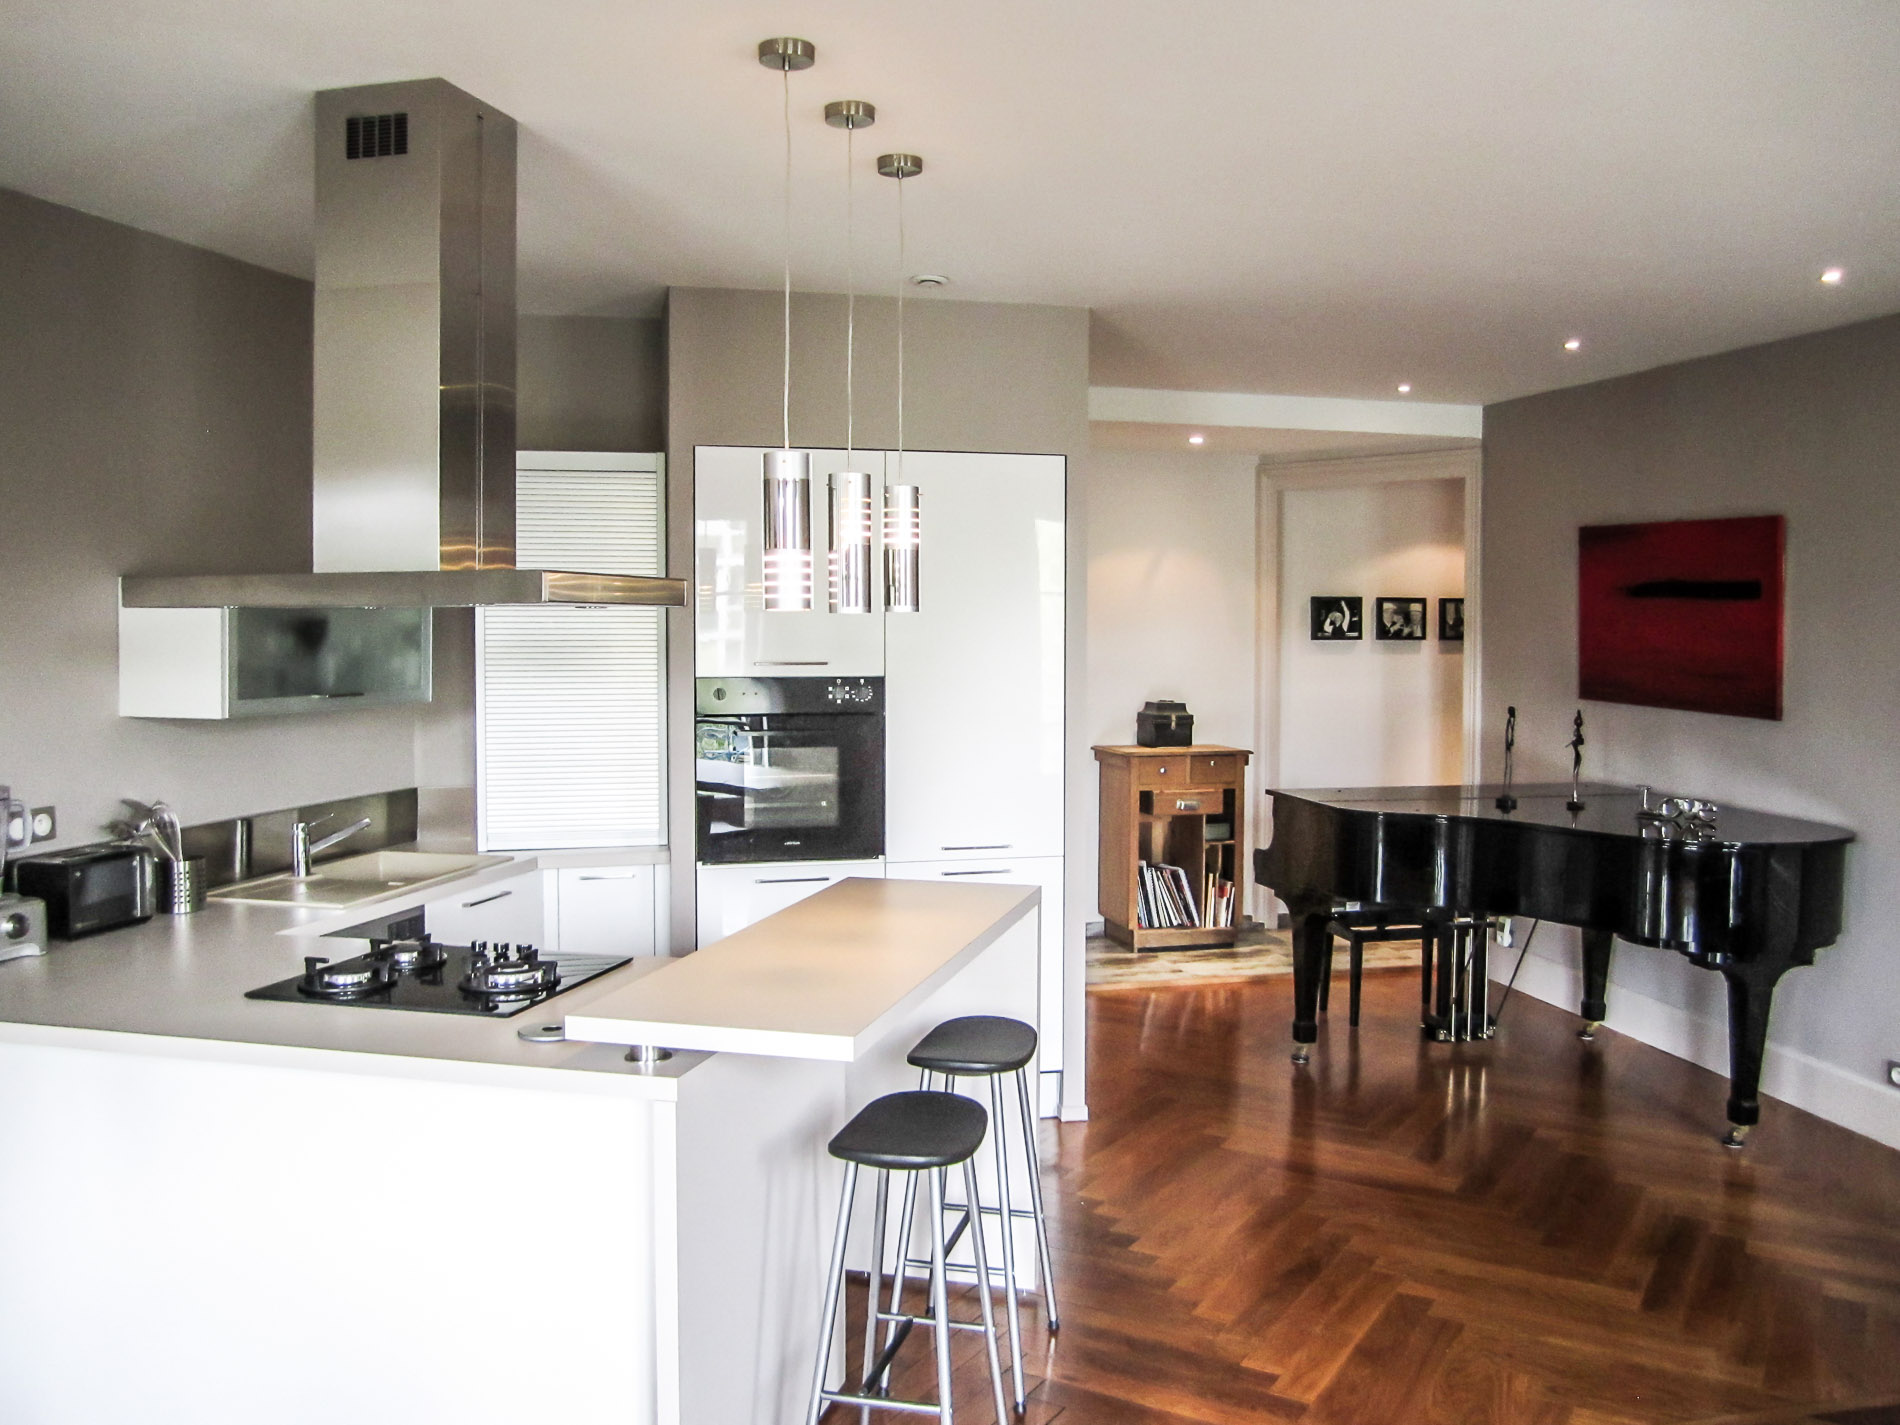 Agencement architecture int rieurs appartement ancien lyon for Cuisine ouverte dans appartement ancien